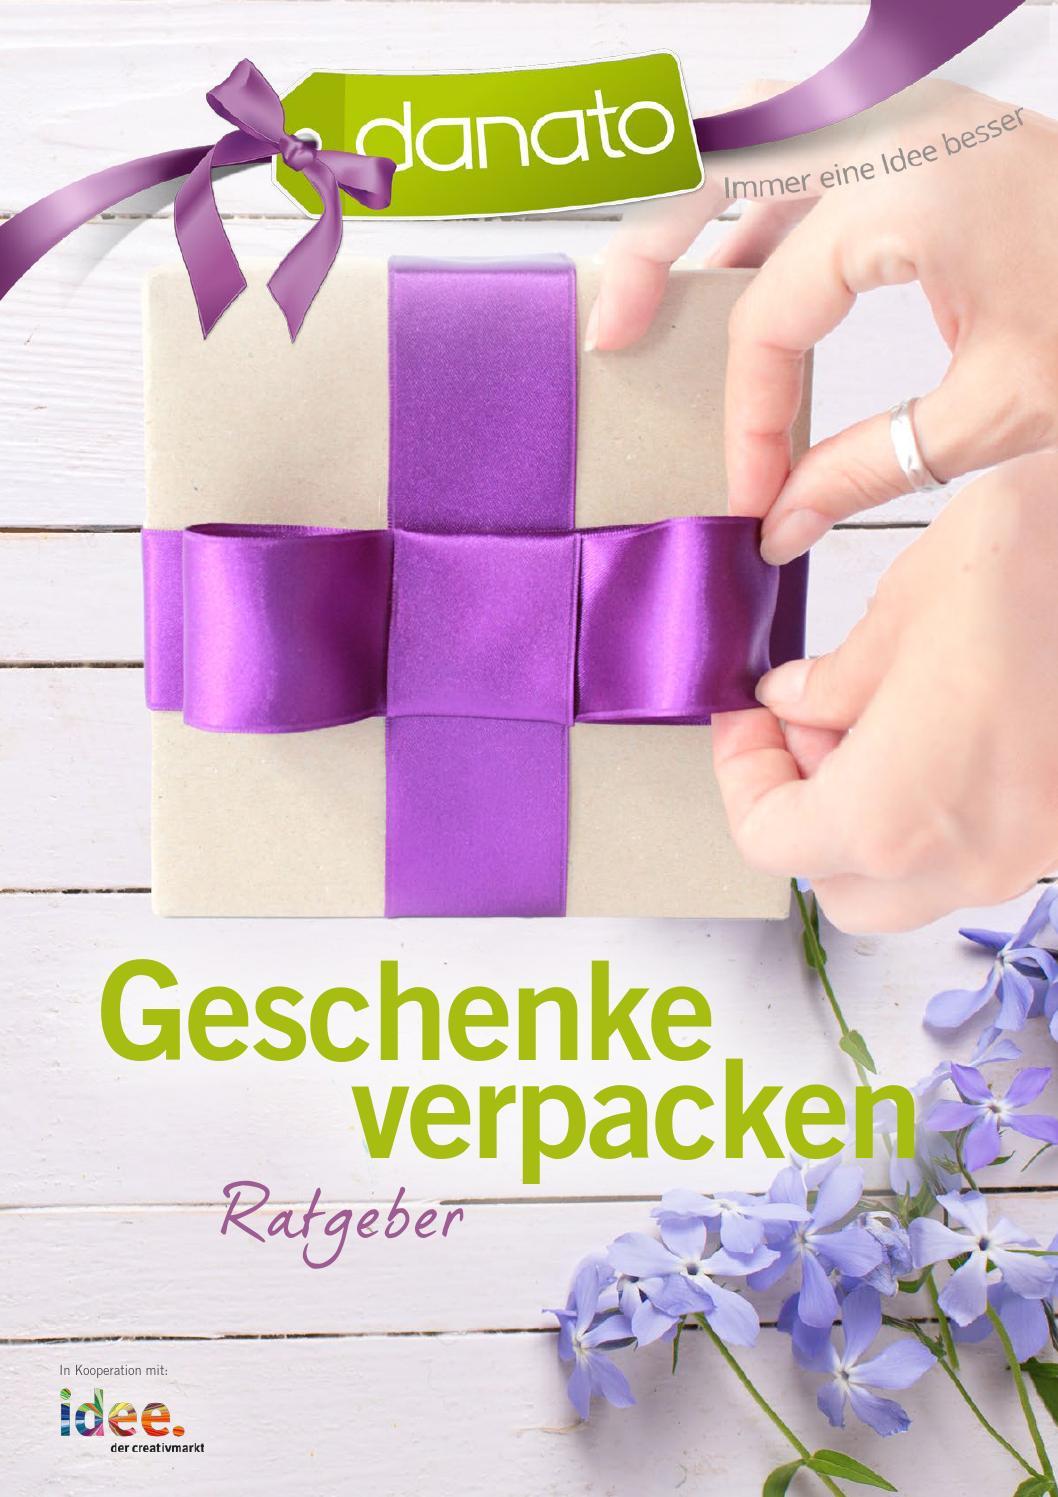 Geschenke verpacken Ratgeber von DANATO by DANATO - issuu